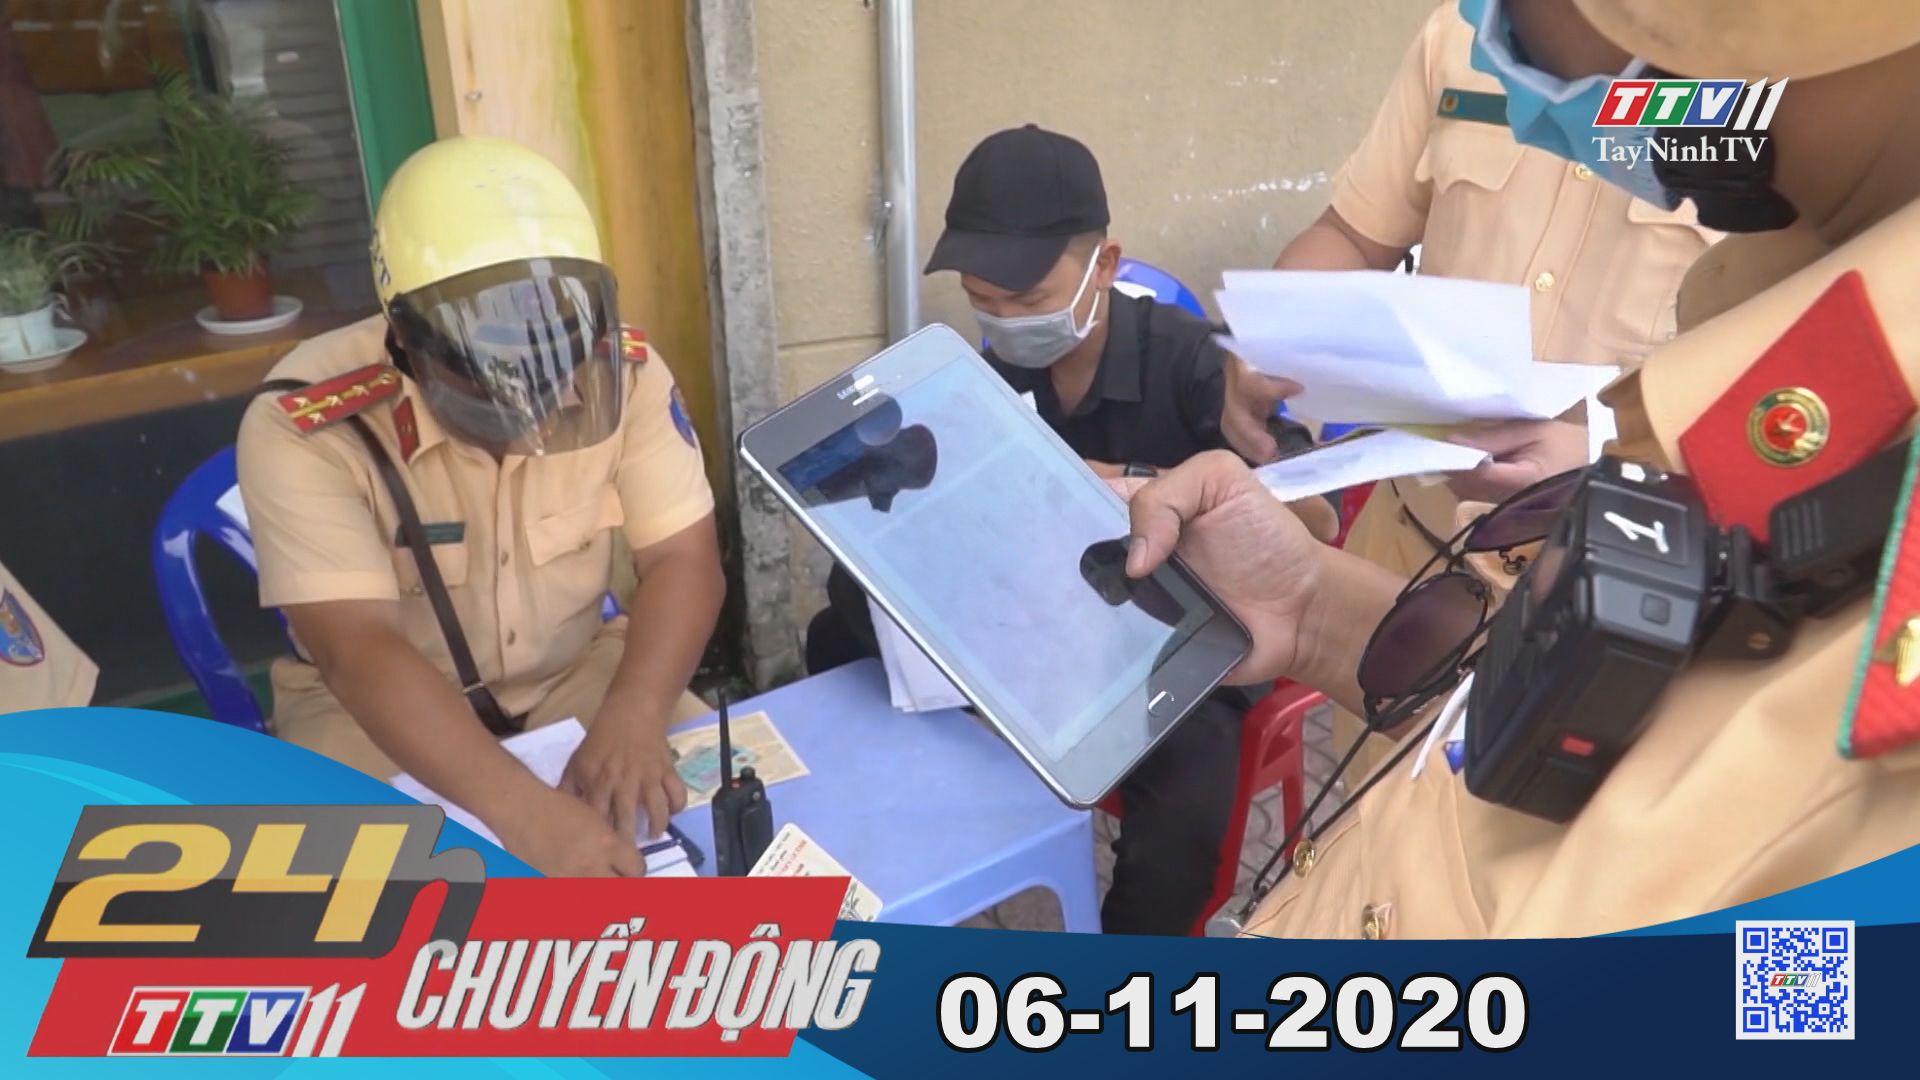 24h Chuyển động 06-11-2020 | Tin tức hôm nay | TayNinhTV